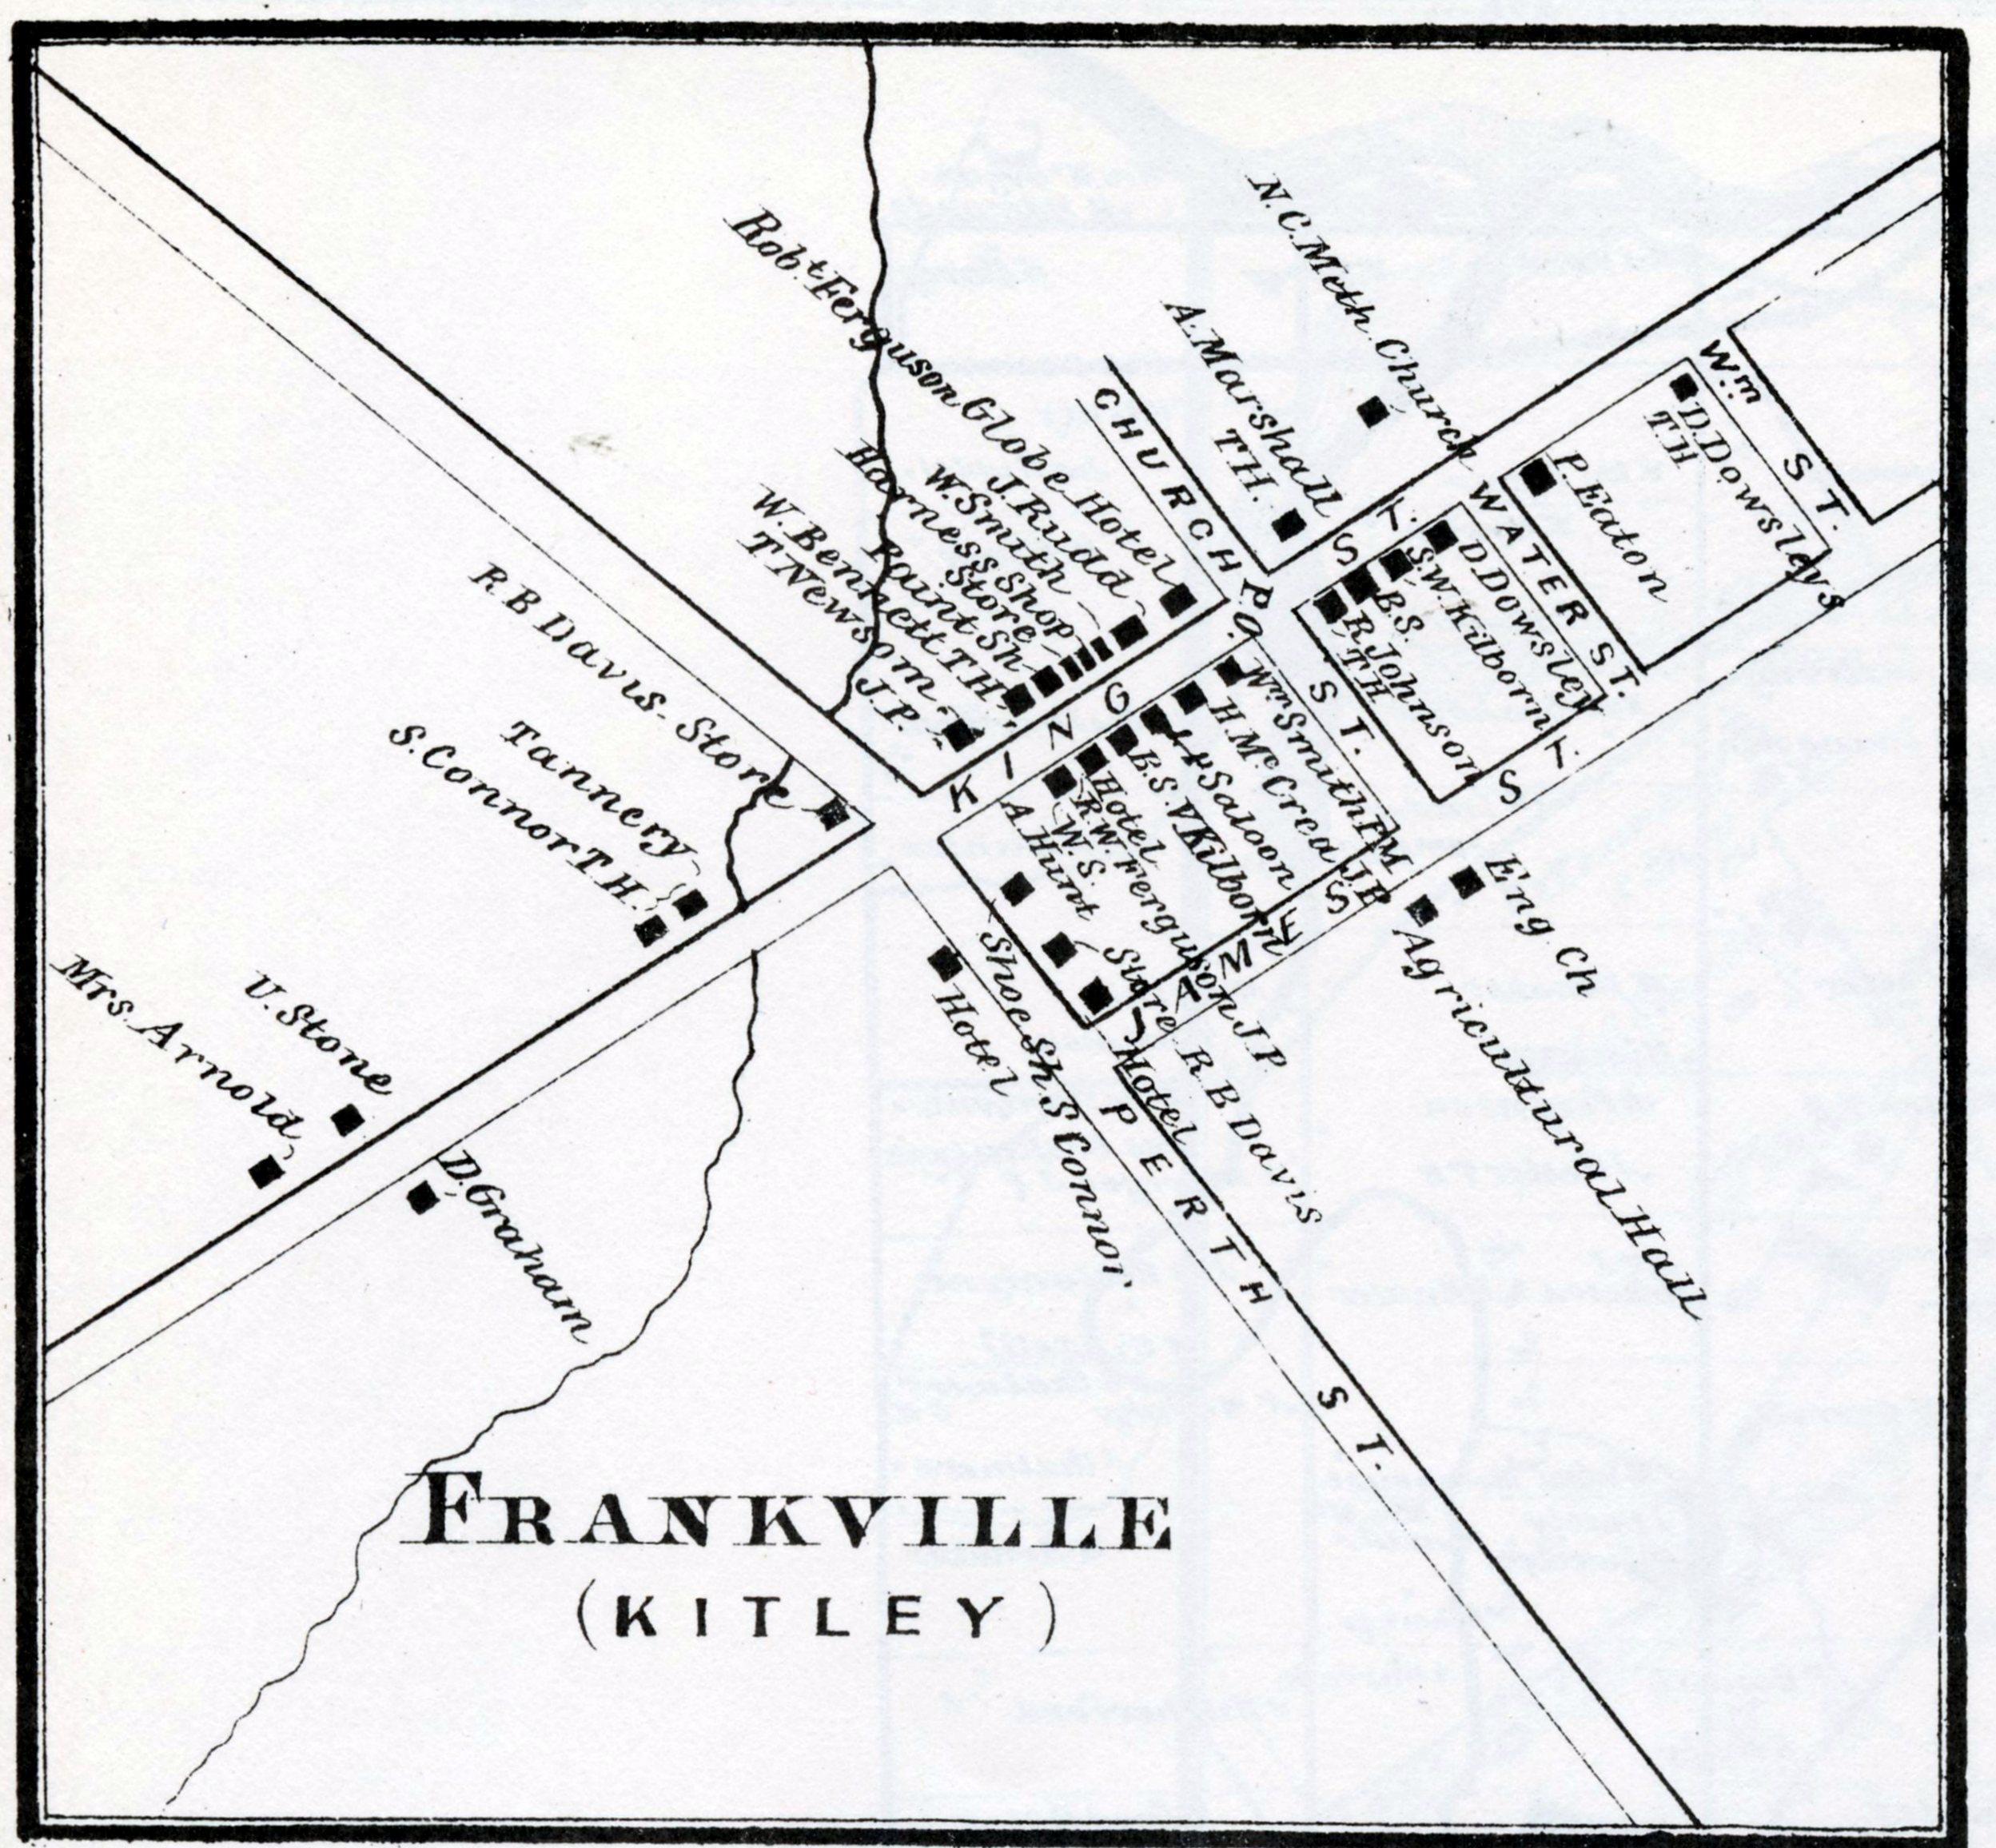 Frankville